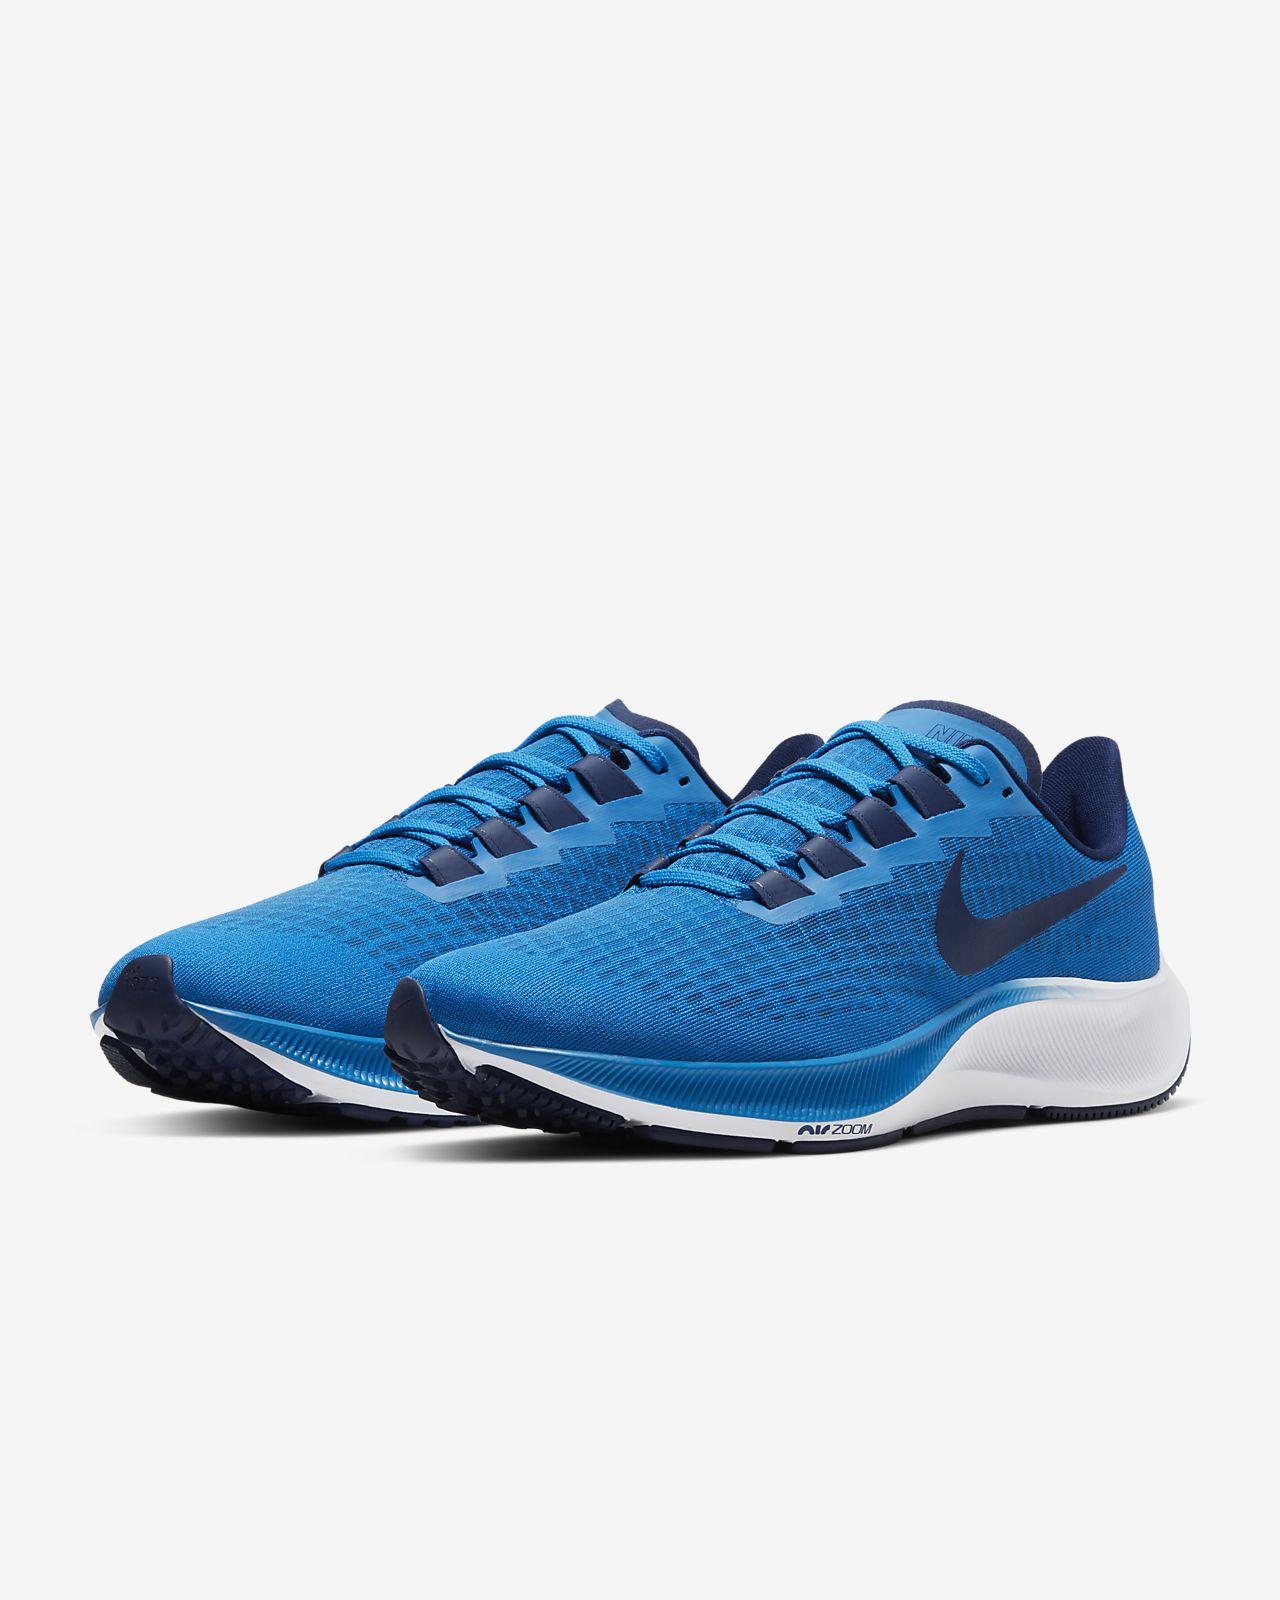 Nike Air Zoom Pegasus 37 las mejores Zapatillas de running - Hombre